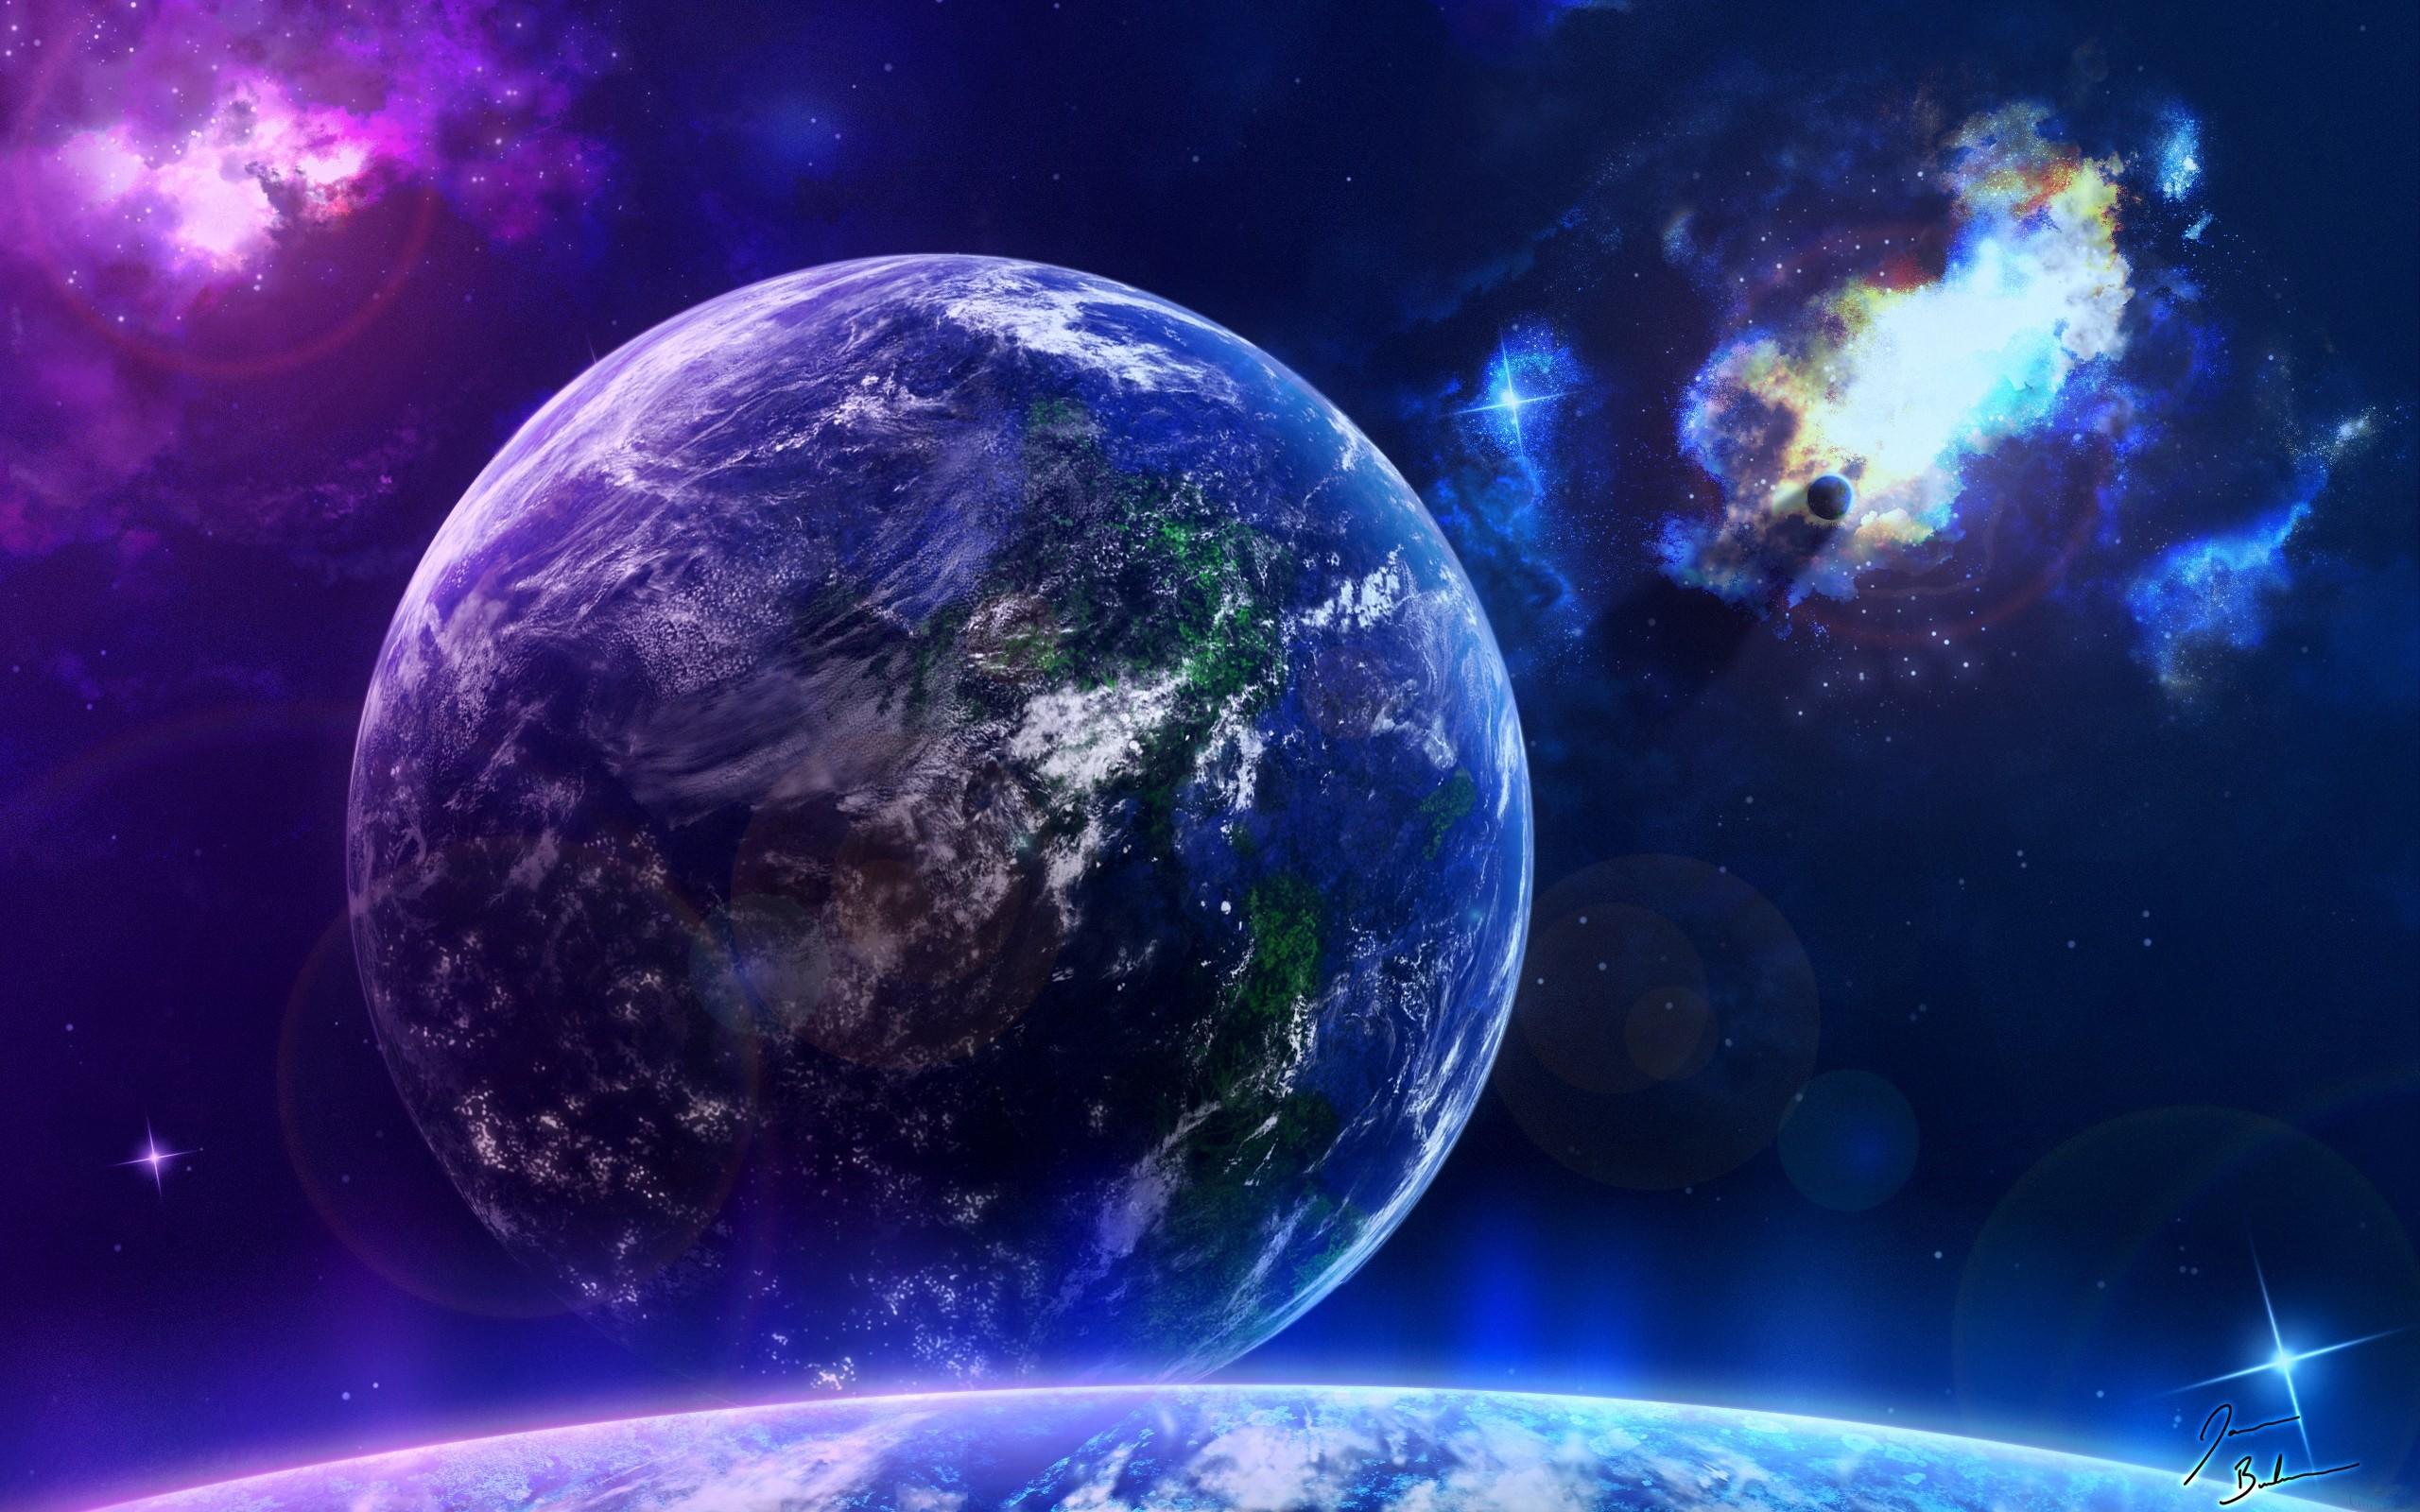 planeta-soeorasi-video